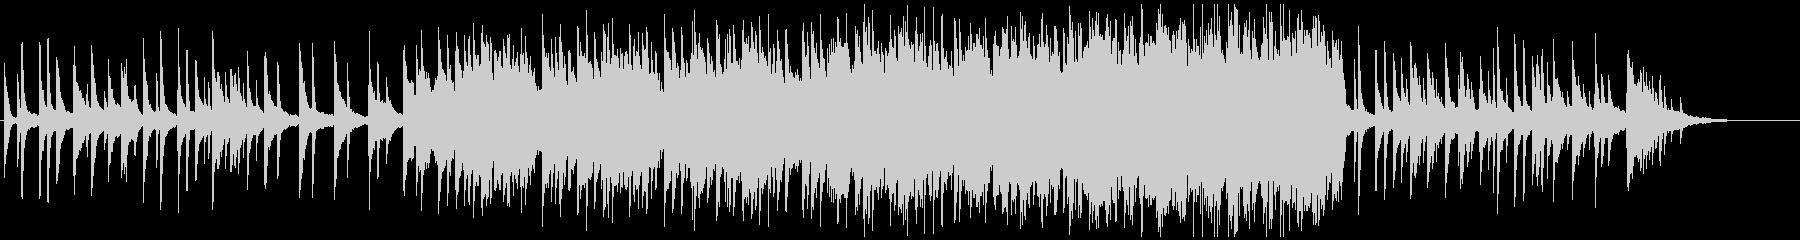 ピアノの旋律が印象に残るバラードの未再生の波形